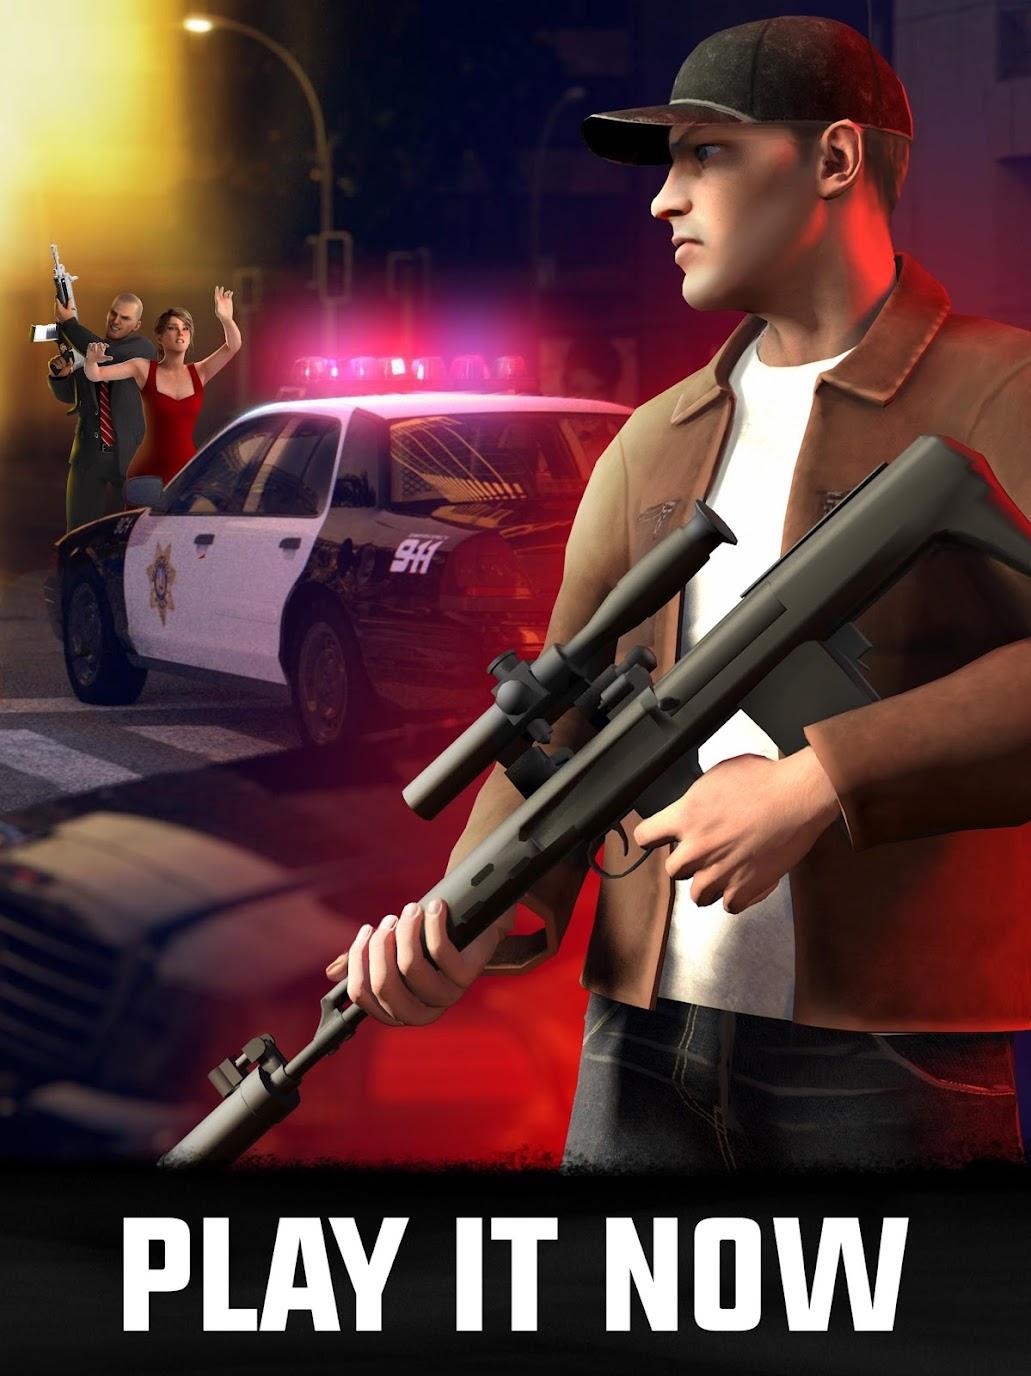 Sniper 3d Assassin Gun Shooter Mod Apk (Unlimited Coins/ Diamonds/Energy) 3